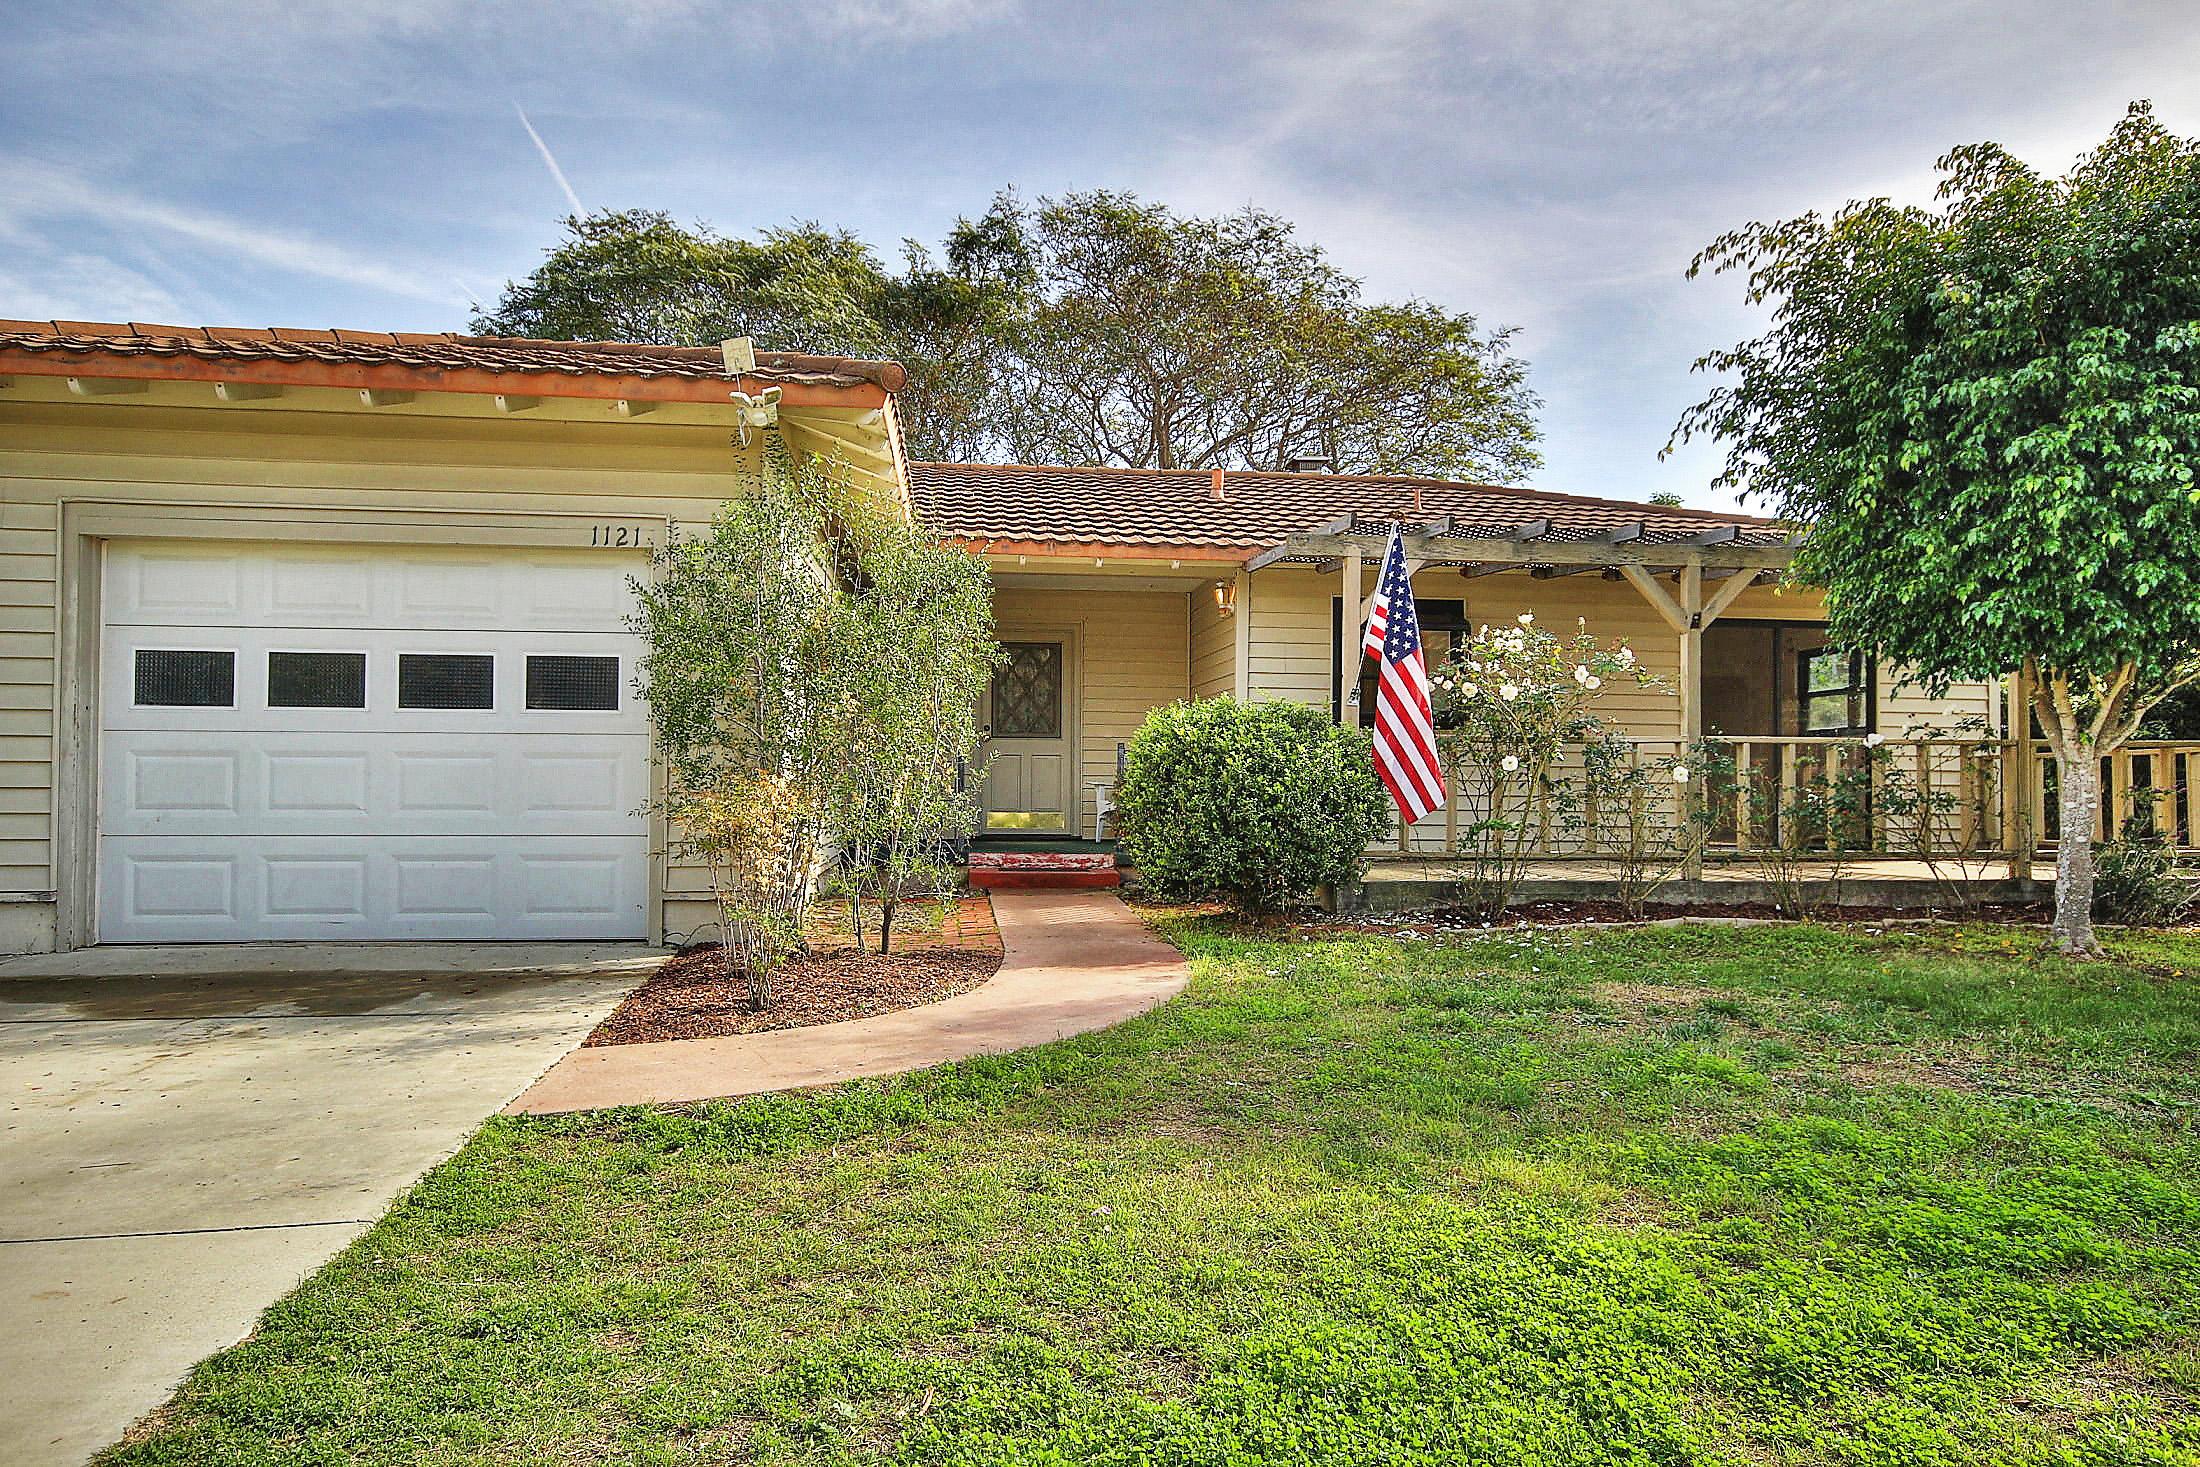 Property photo for 1121 Del Sol Ave Santa Barbara, California 93109 - 15-380